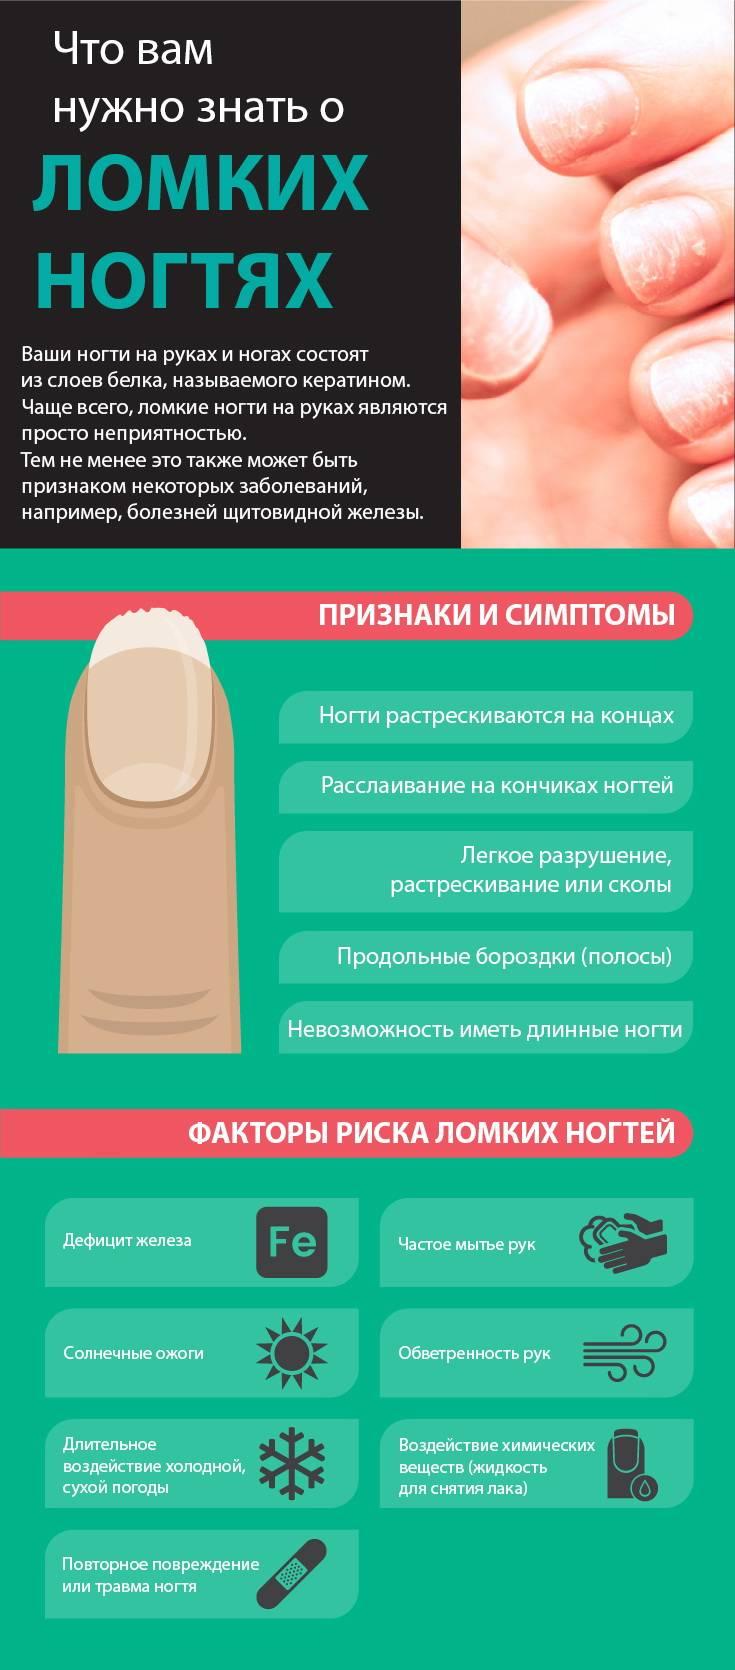 Укрепление слоящихся ногтей дома. причины и лечение проблемы.